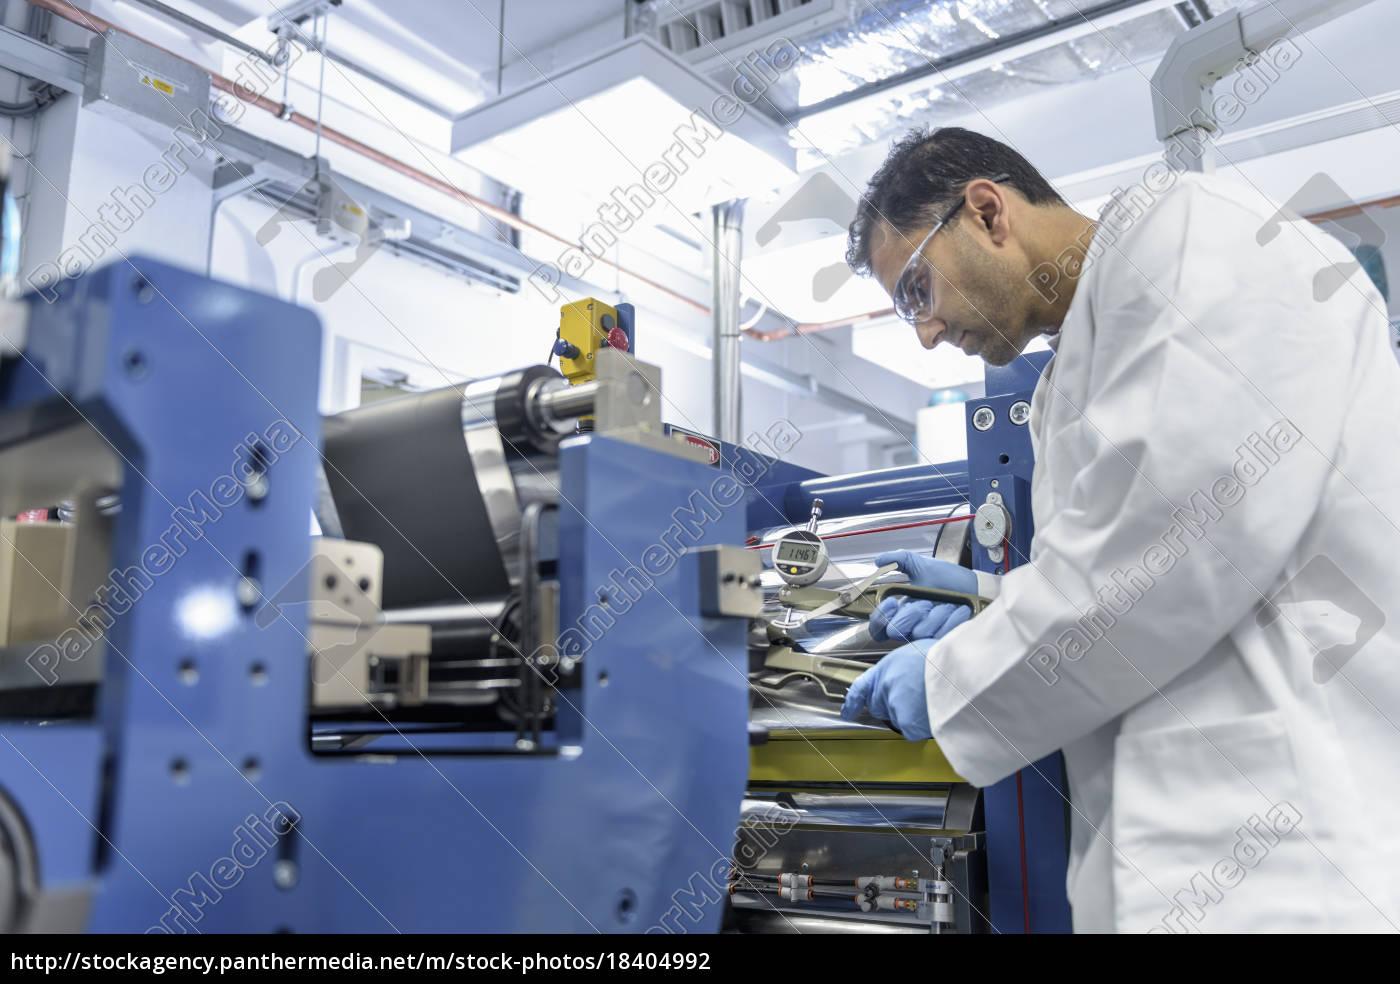 wissenschaftler, herstellung, lithium-ionen-batterien, in, der, einrichtung - 18404992